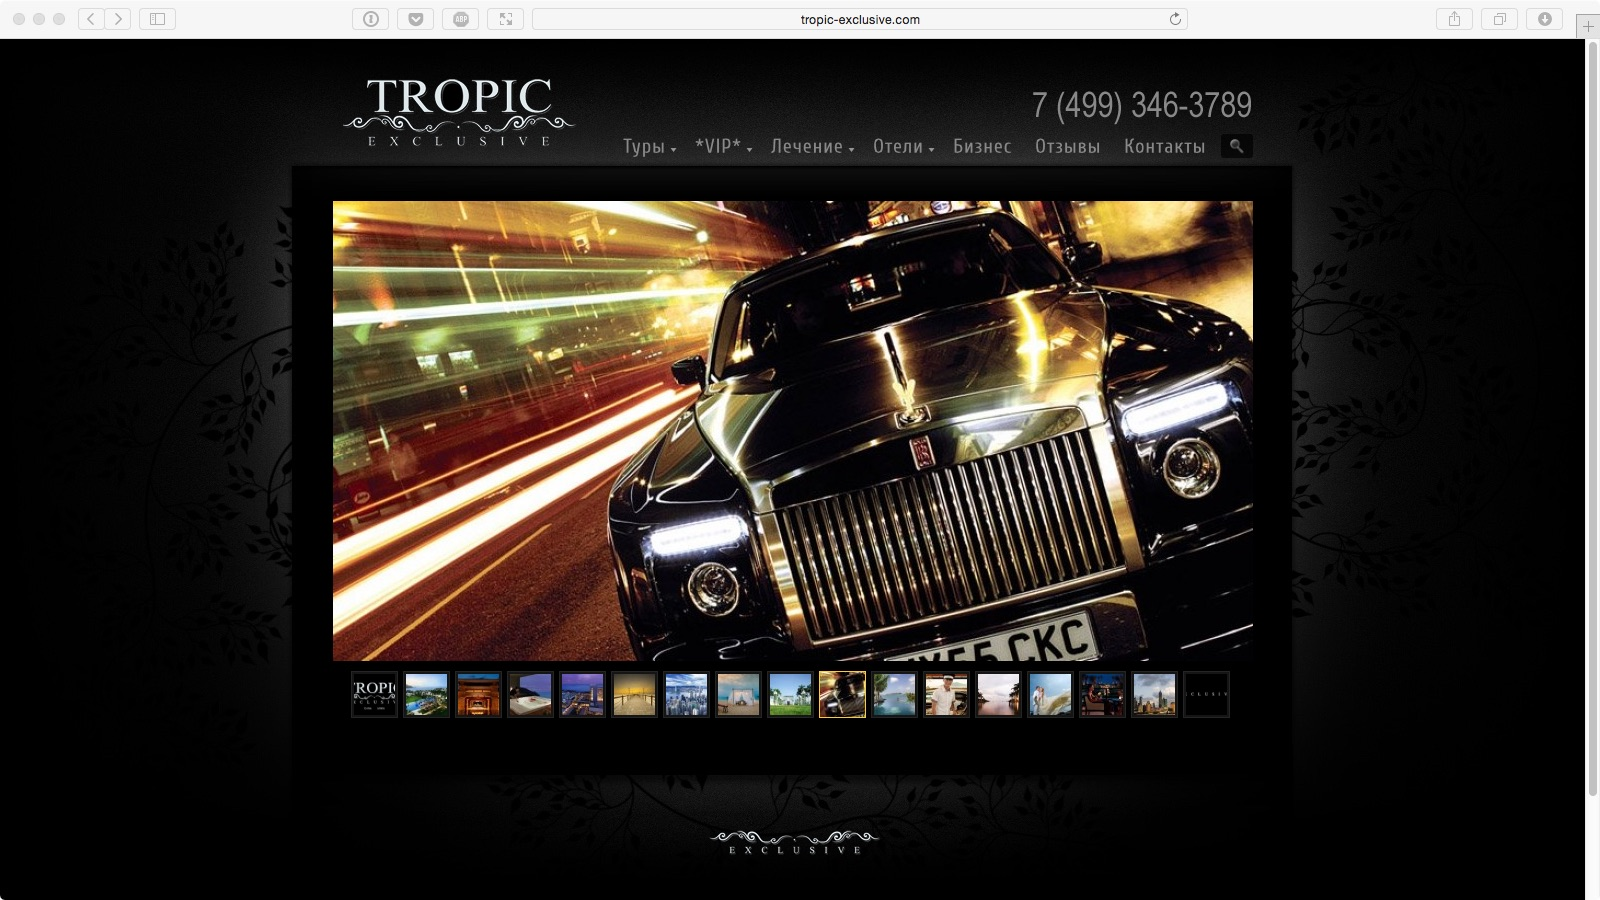 Туристический VIP-сервис: tropic-exclusive.com